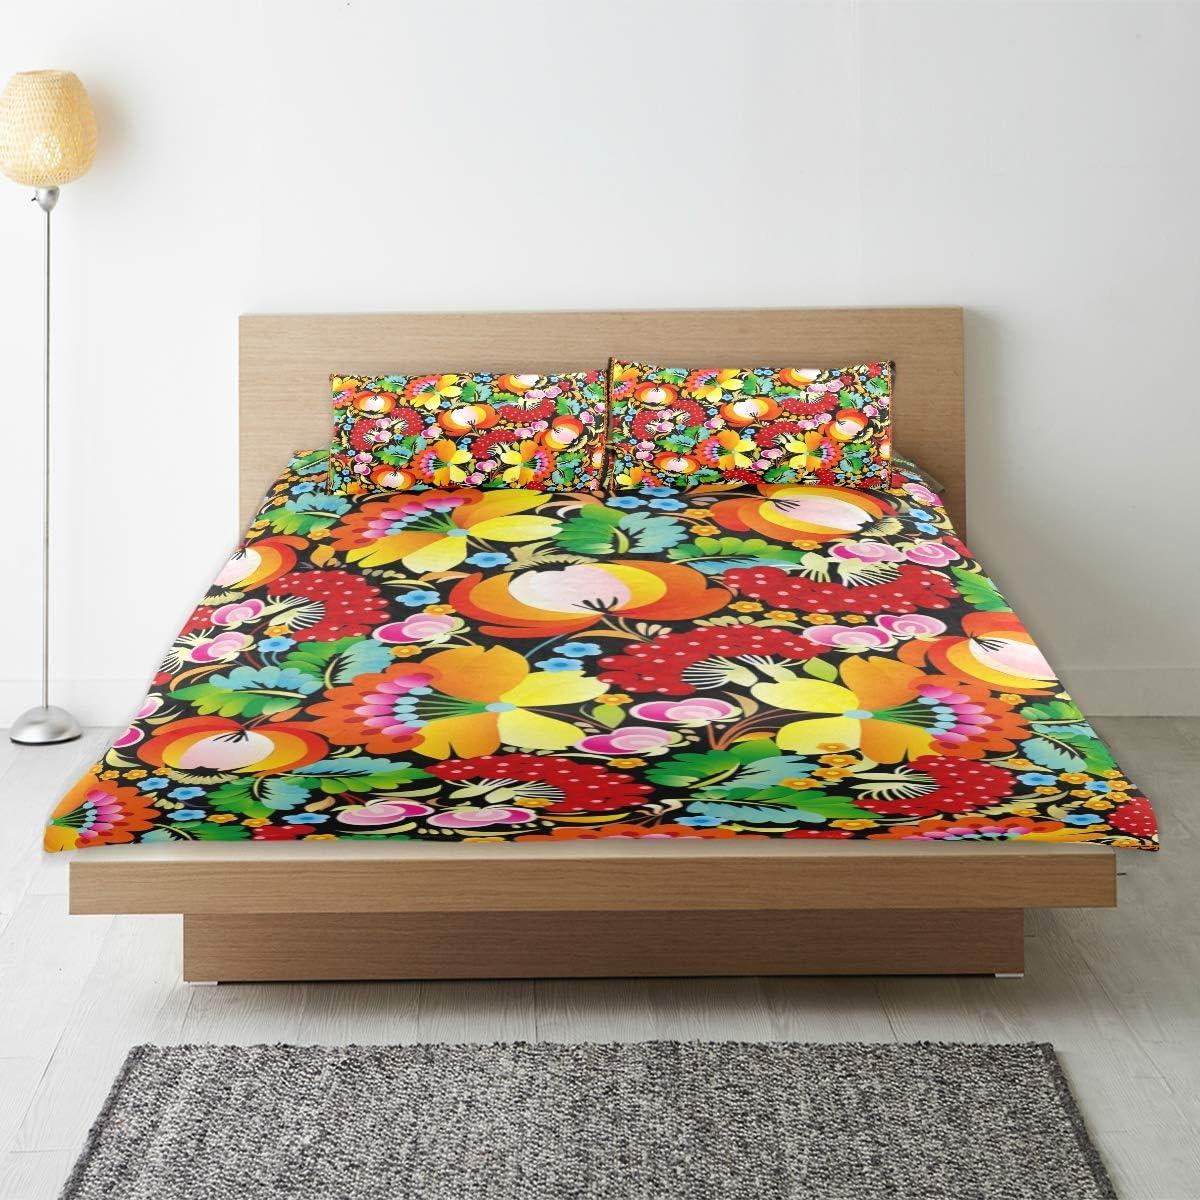 Bennifiry Parure de lit 3 pièces avec Housse de Couette et 2 taies d'oreillers Motif Colibri, Multi#003, Taille Unique Multi#002